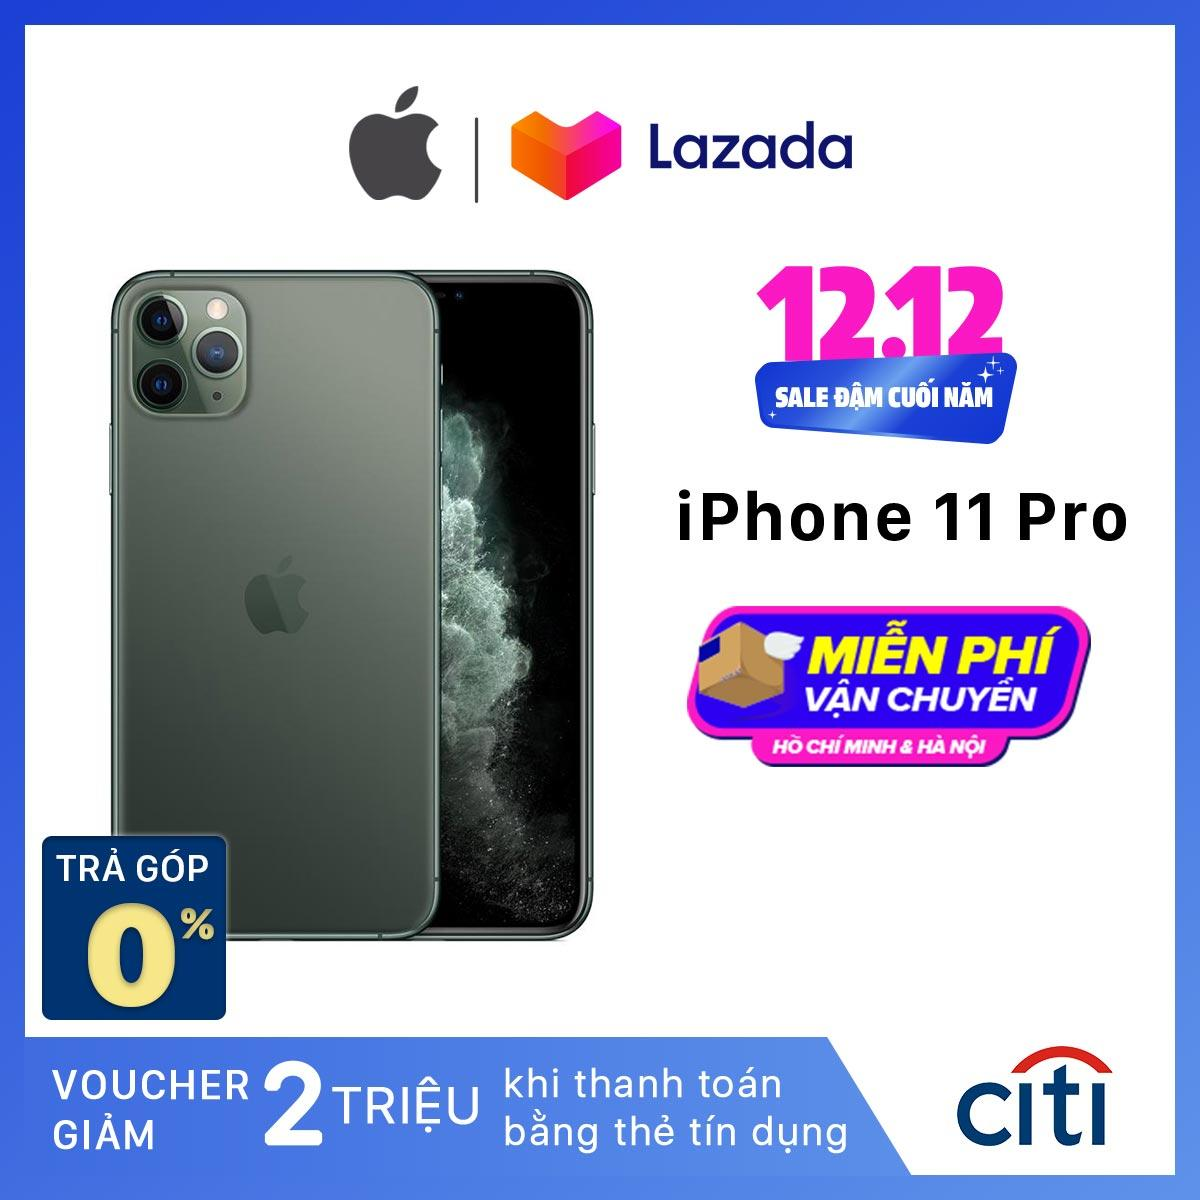 Điện Thoại Apple IPhone 11 Pro - Hàng Chính Hãng VN/A - Màn Hình Super Retina XDR 5.8inch, Face ID, Chống Nước, Chip A13, 3 Camera, Đi Kèm Sạc Nhanh 18W Duy Nhất Khuyến Mại Hôm Nay